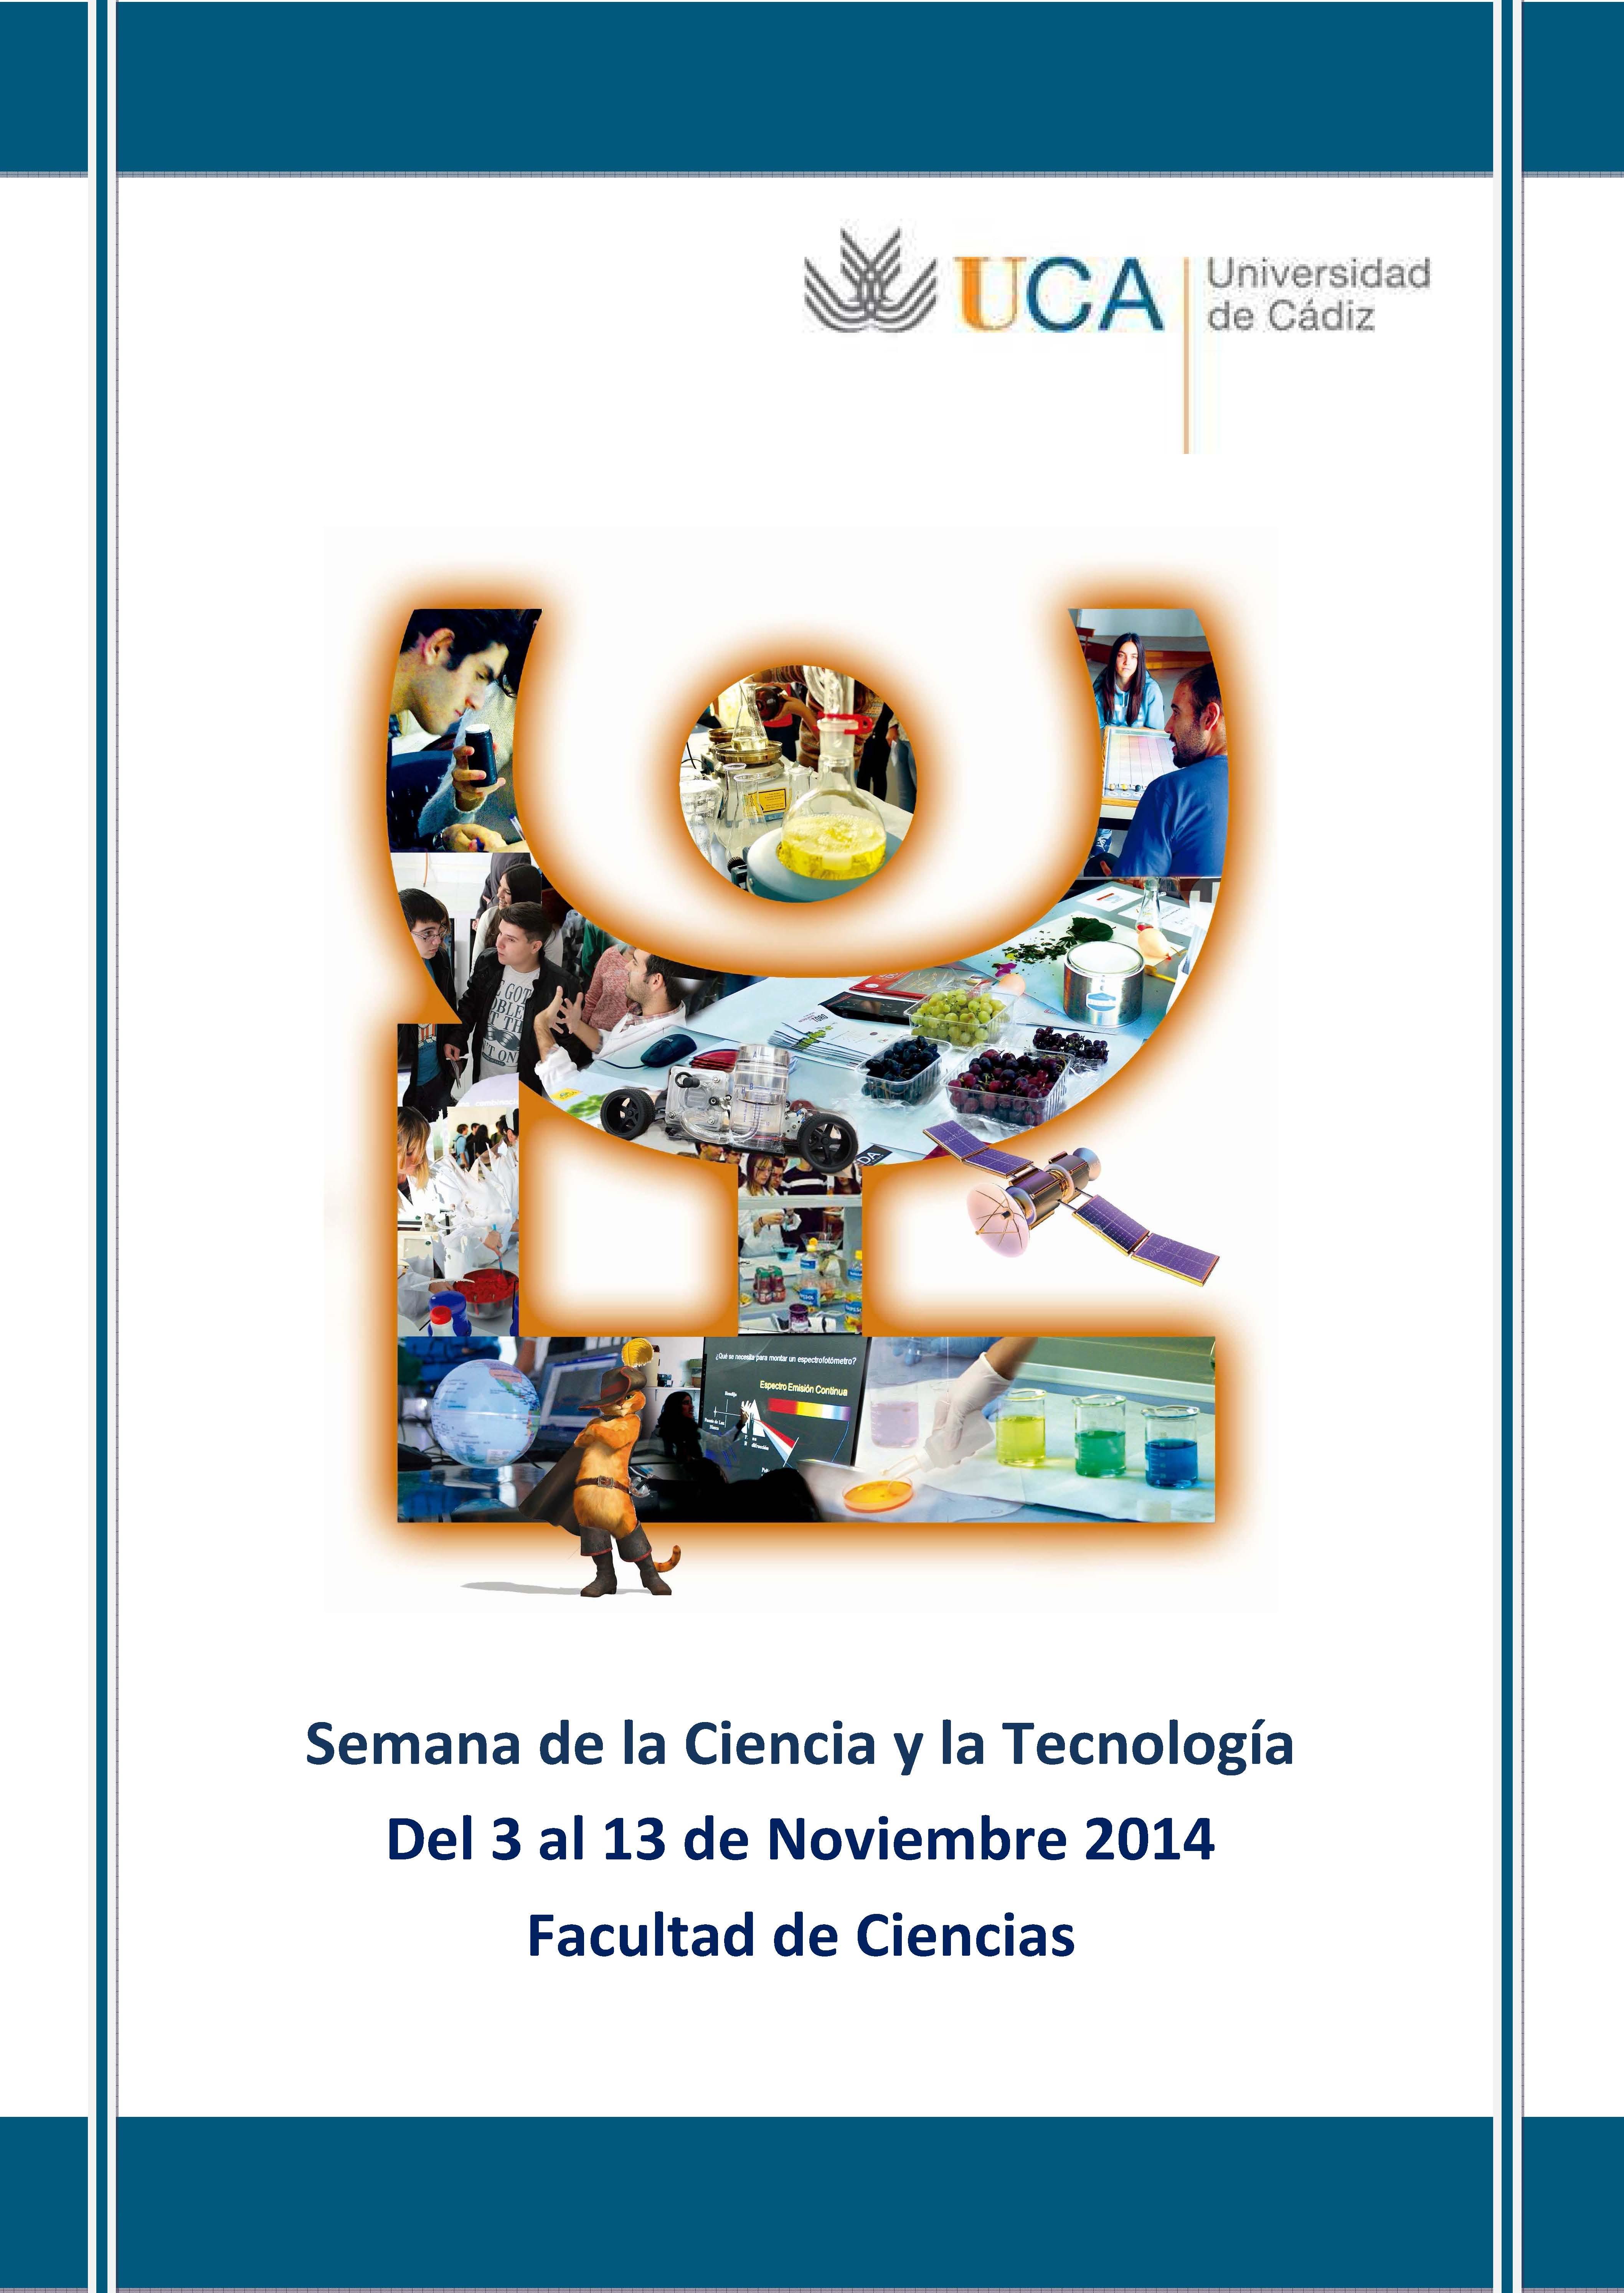 Semana de la Ciencia y la Tecnología. 6 de Noviembre.